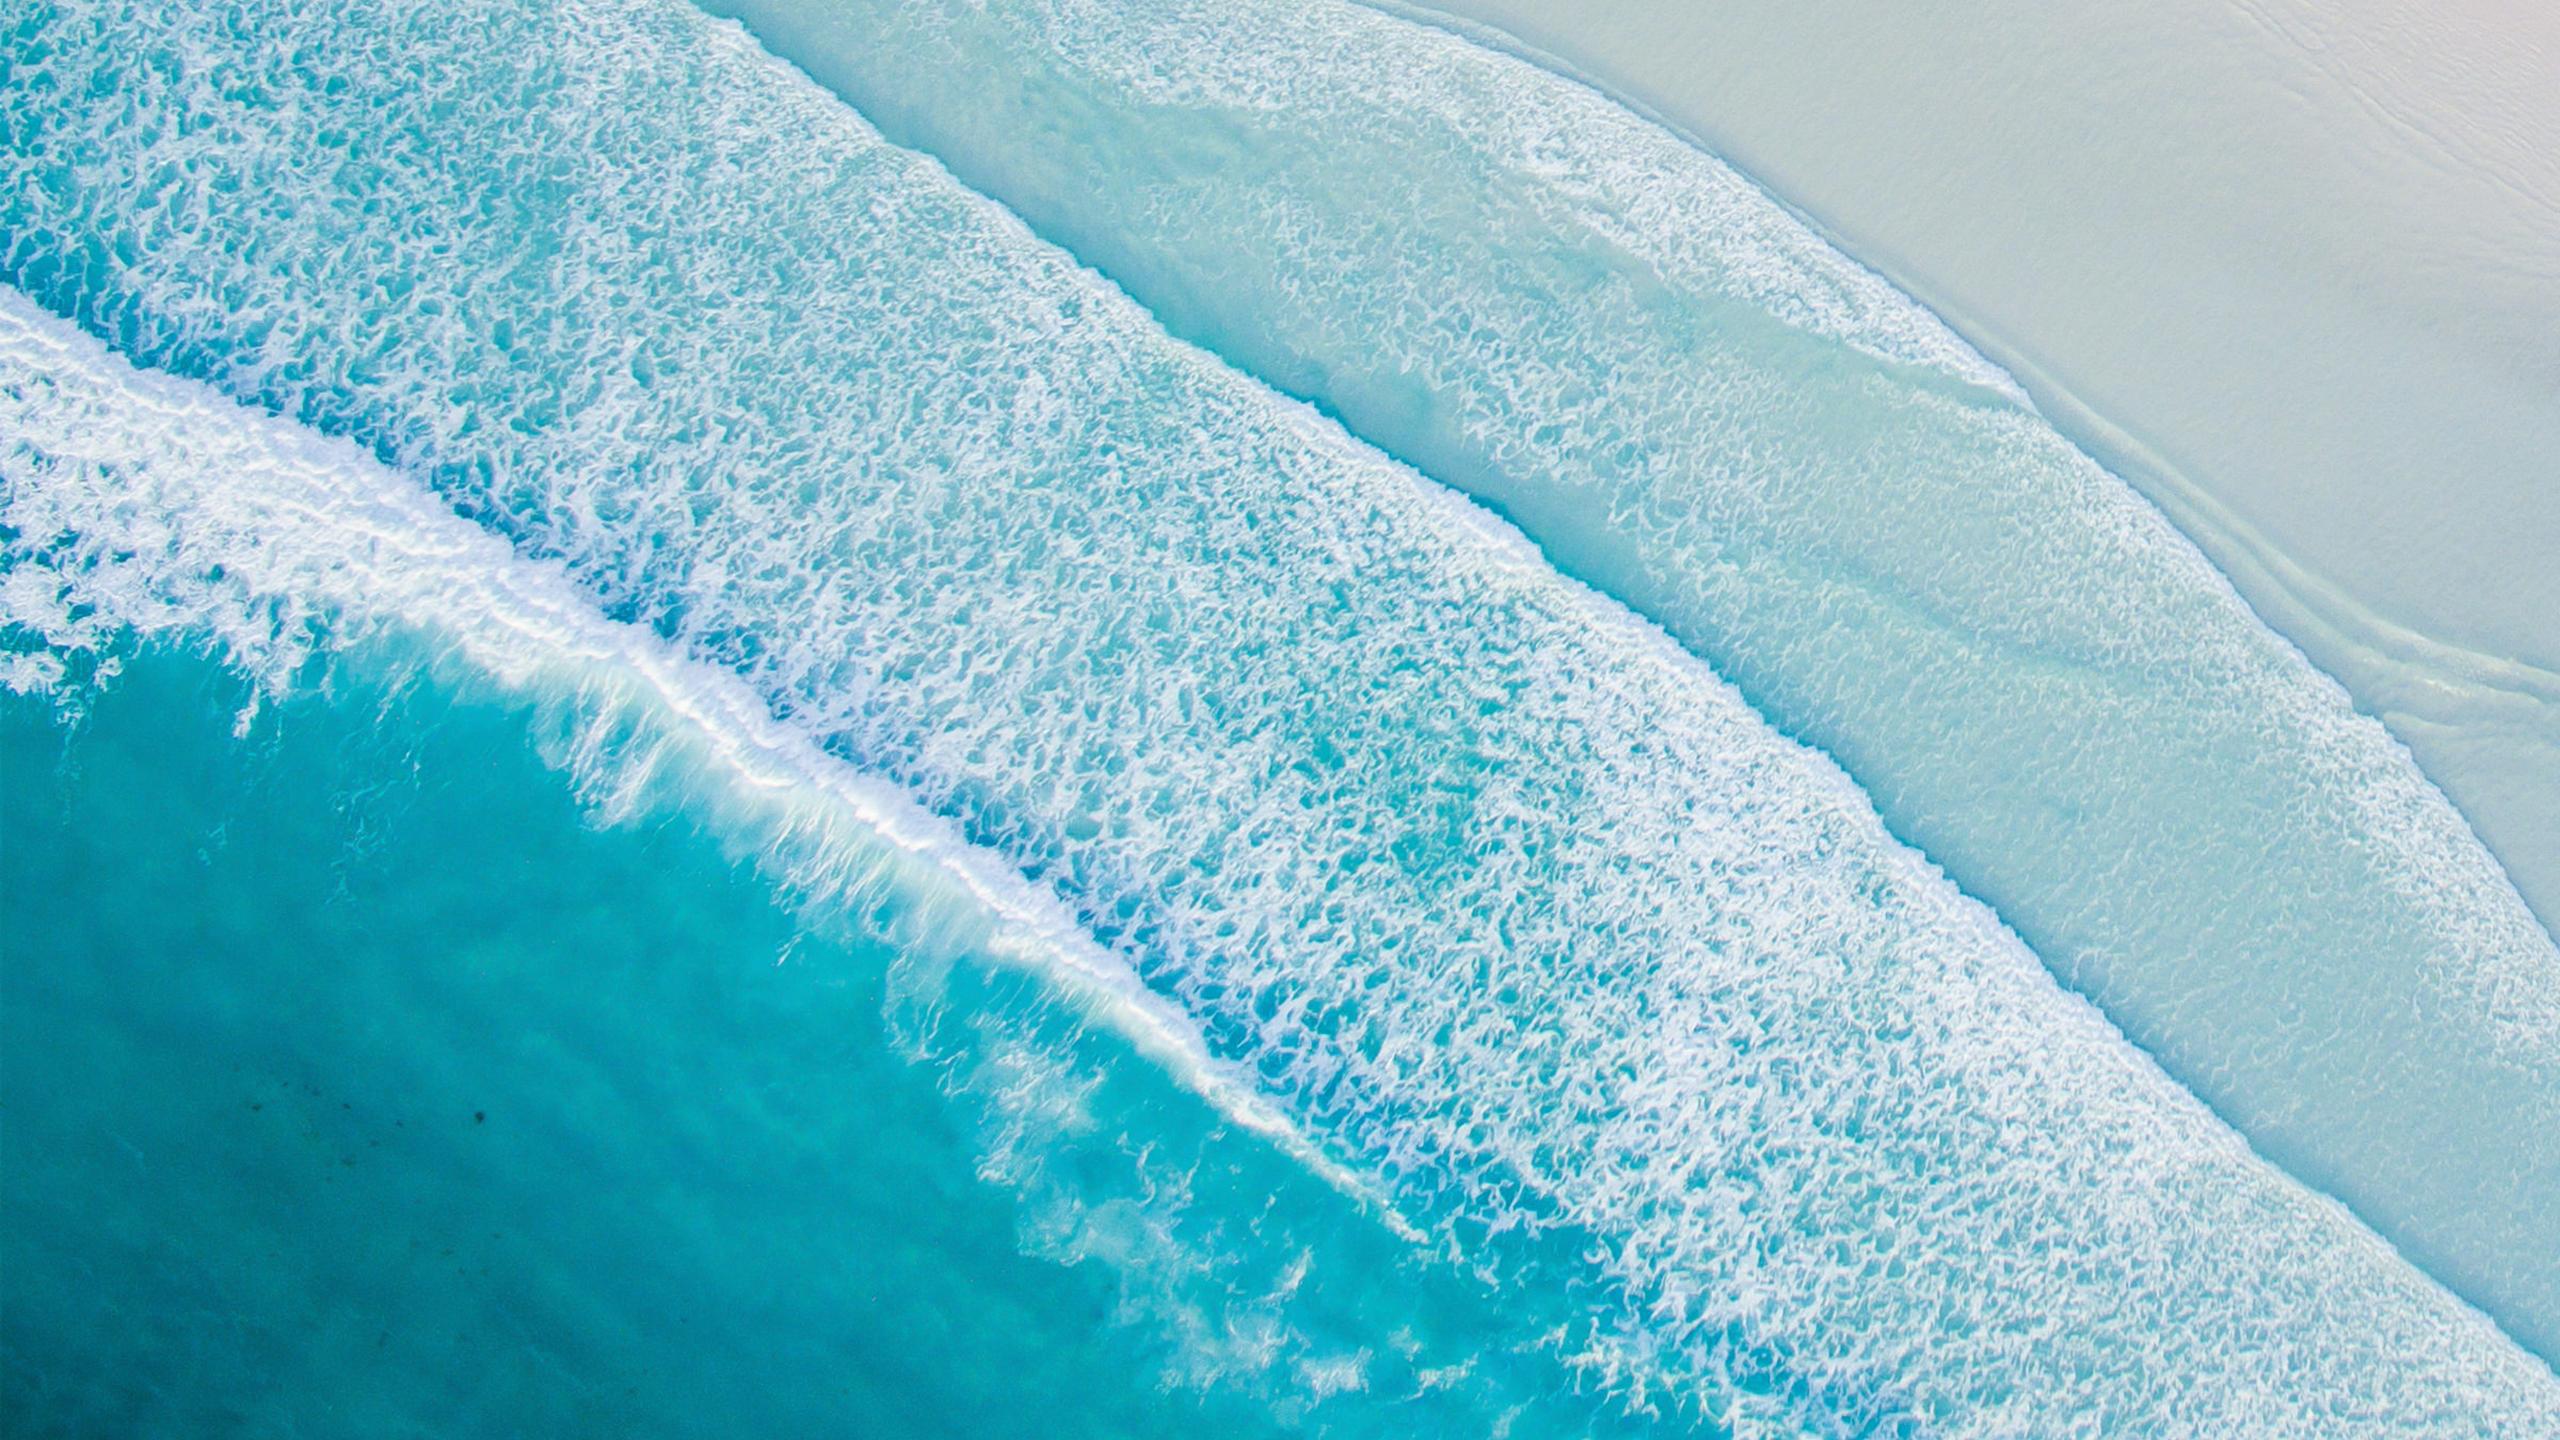 Пляж Google pixel книга фондовой обои скачать